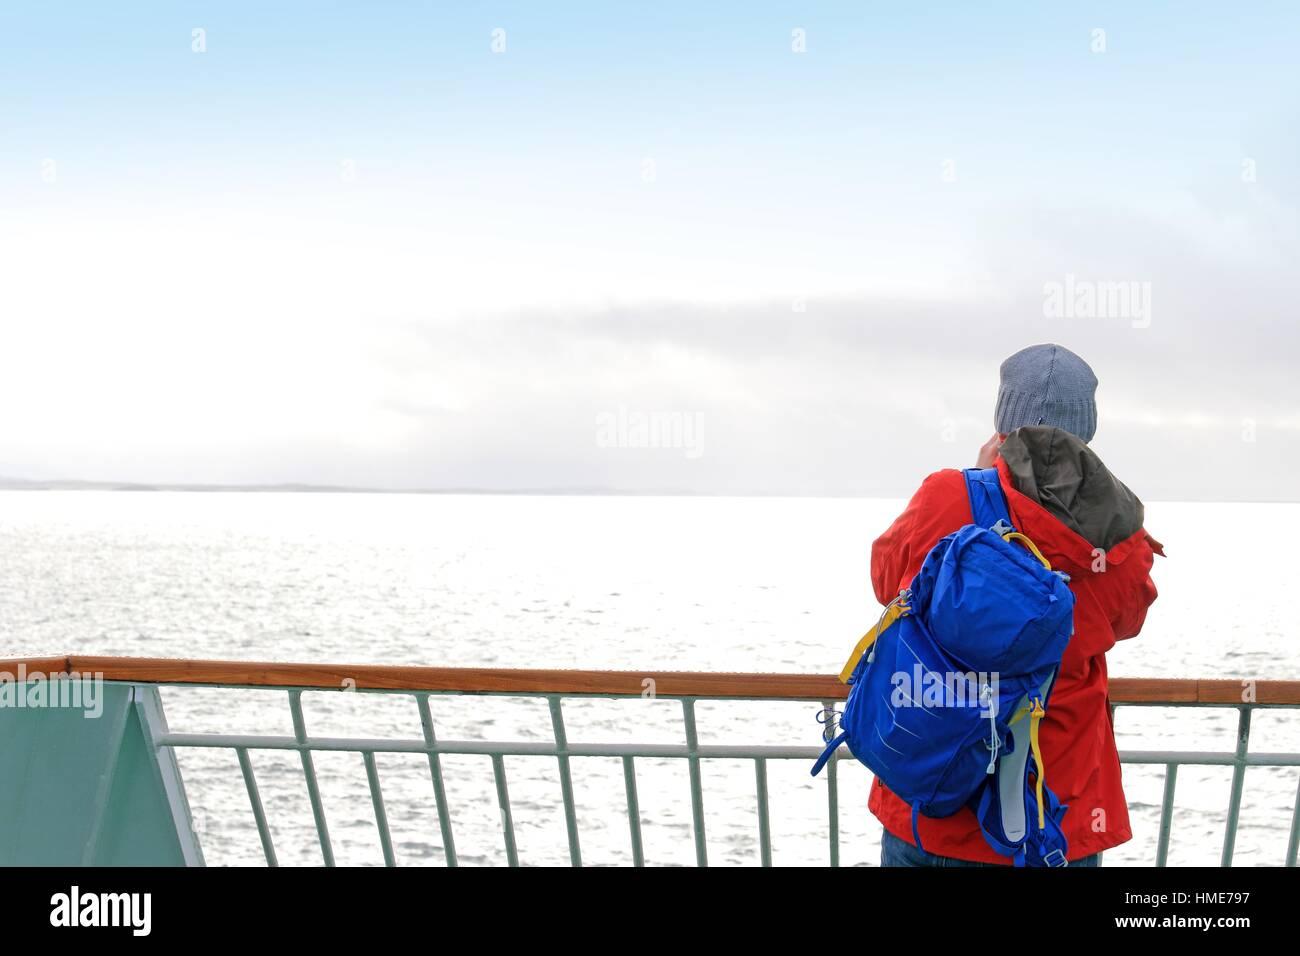 Passenger on deck of ship across Møre og Romsdal county, Norway. - Stock Image